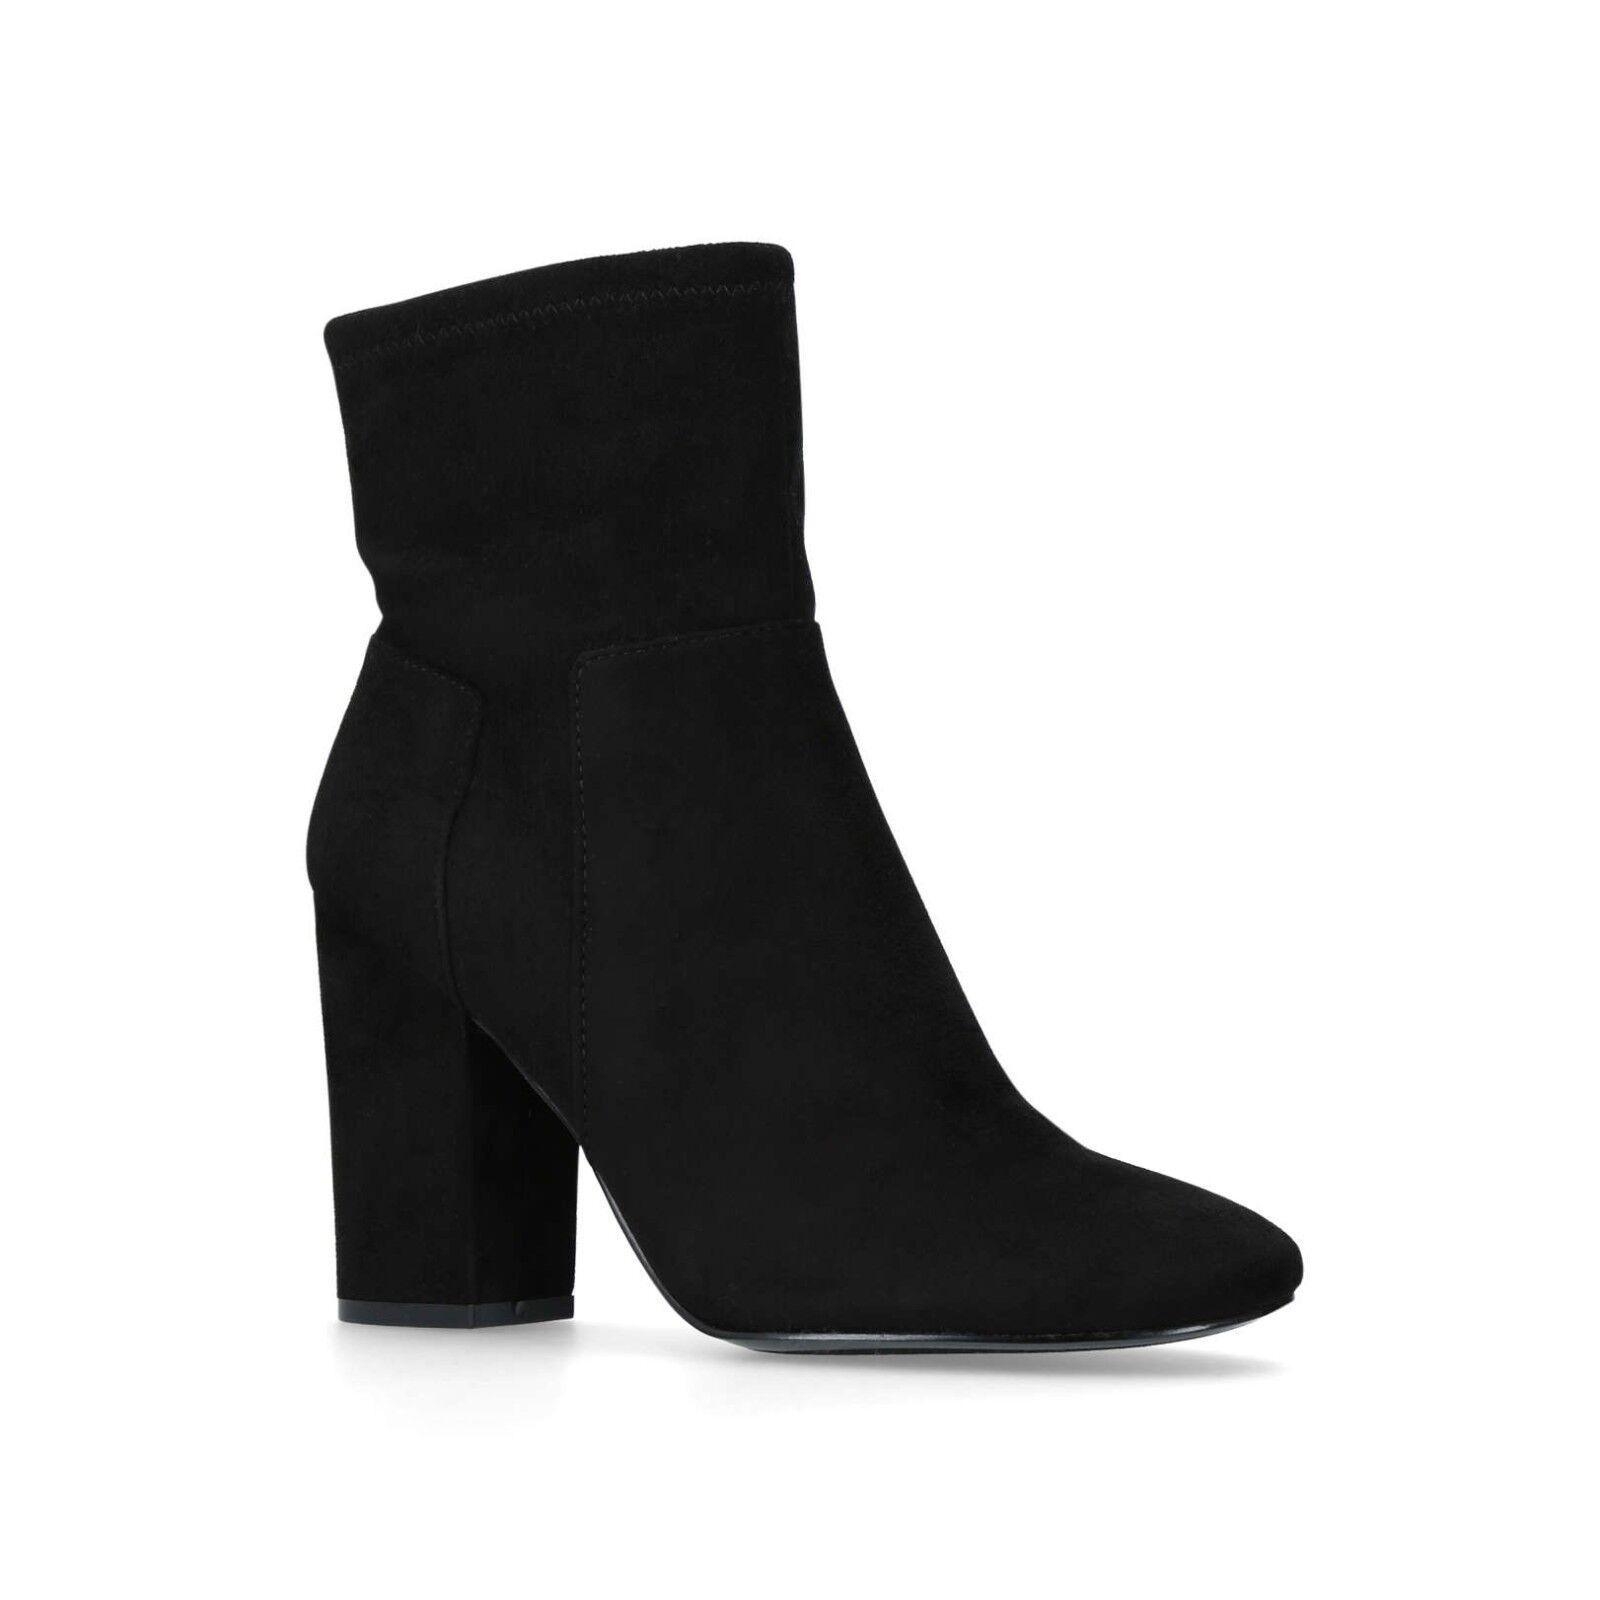 Nine West Corban para mujer nos 10 Negro Imitación Gamuza Tacón De Bloque De Alto Botas al tobillo